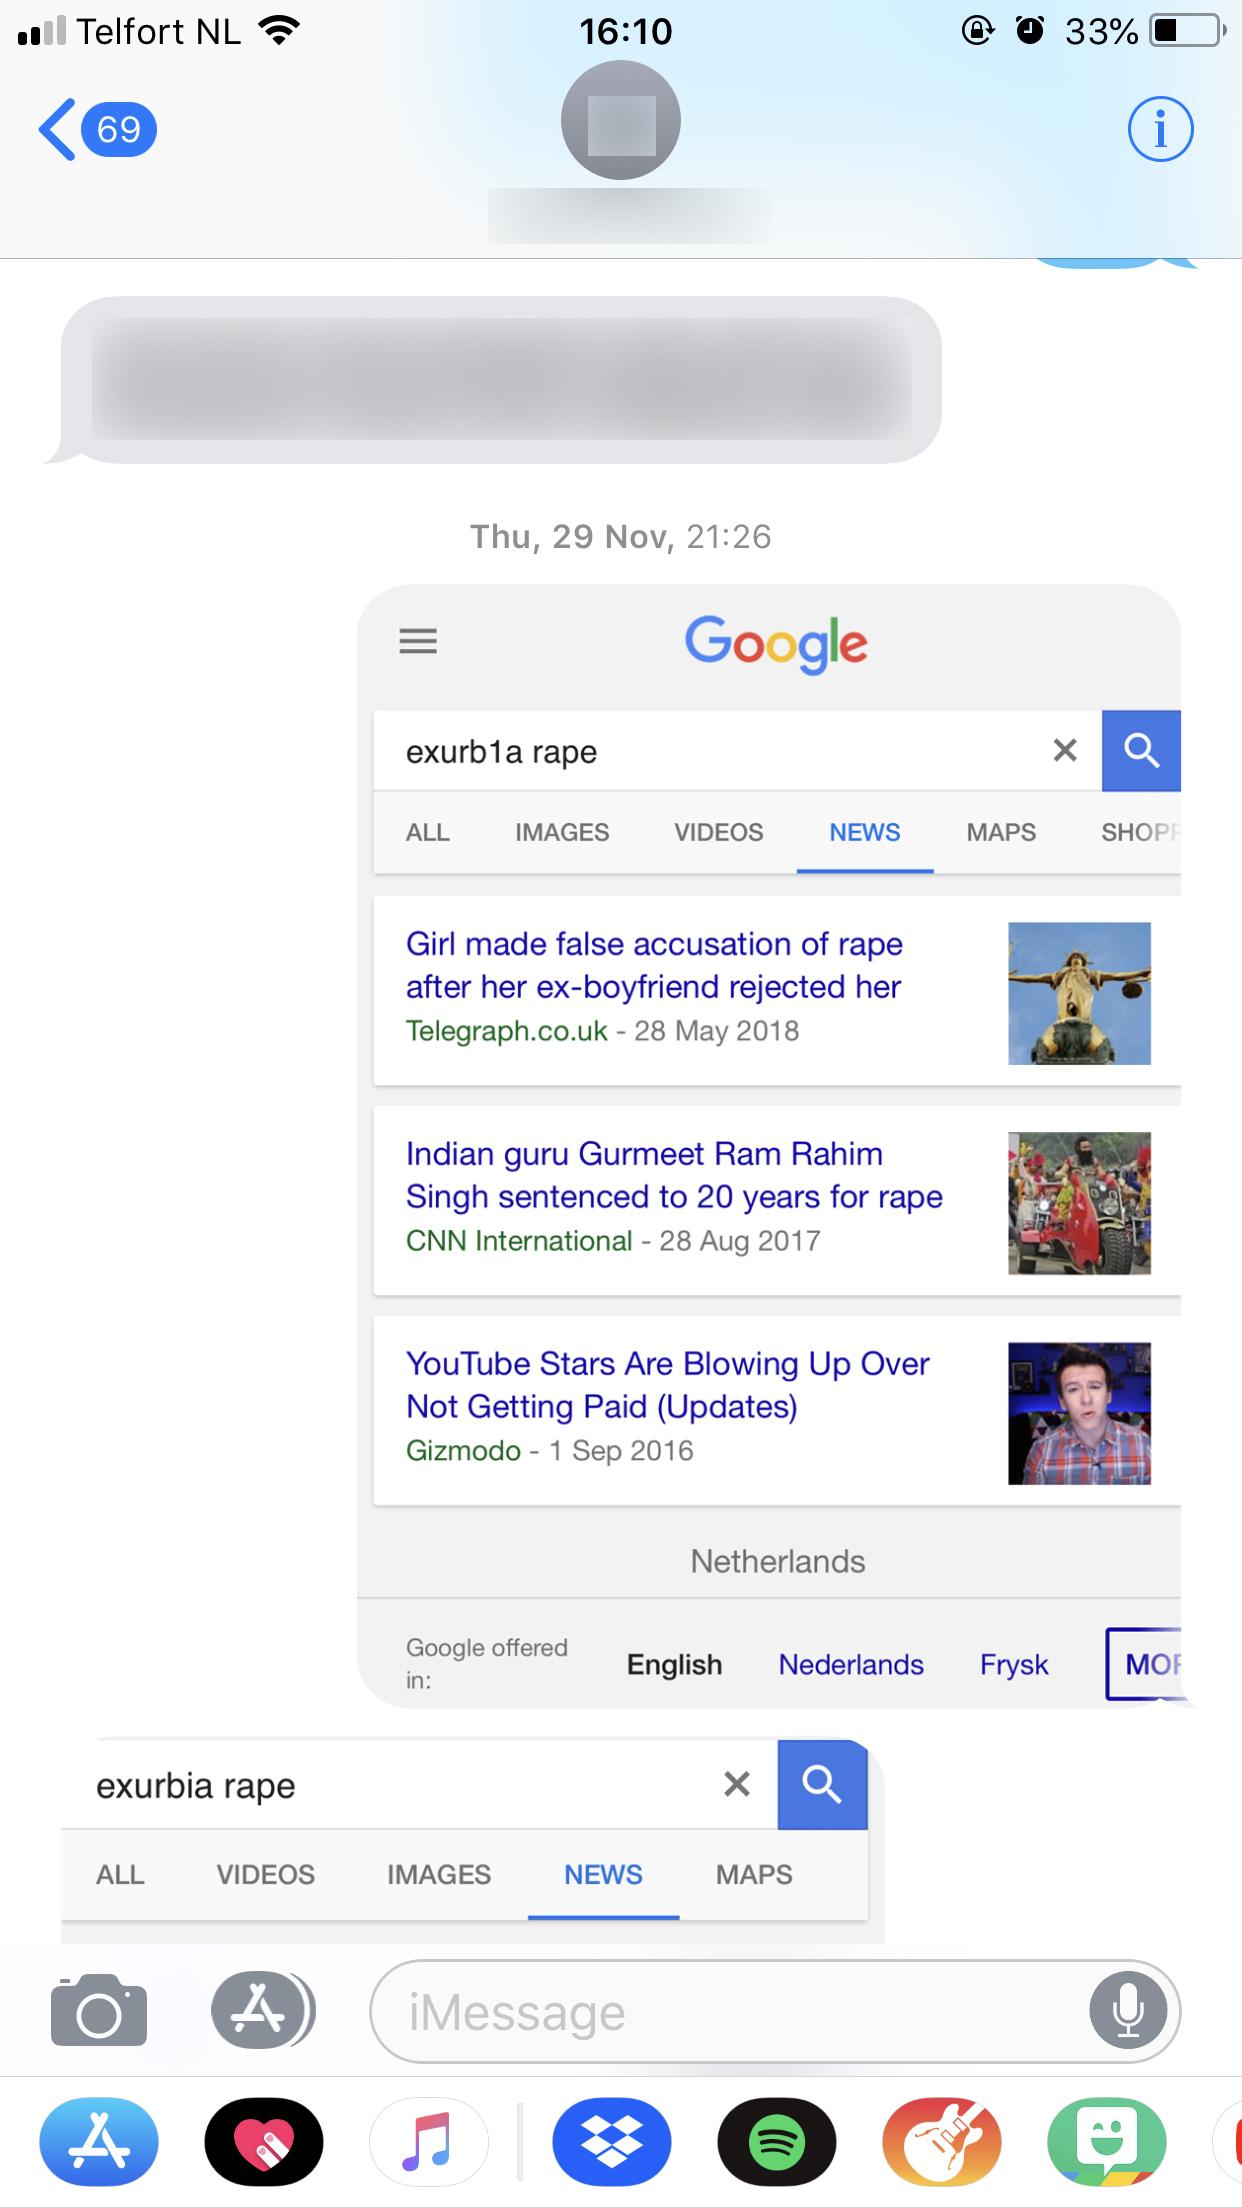 exurb1a false news articles 02.jpg